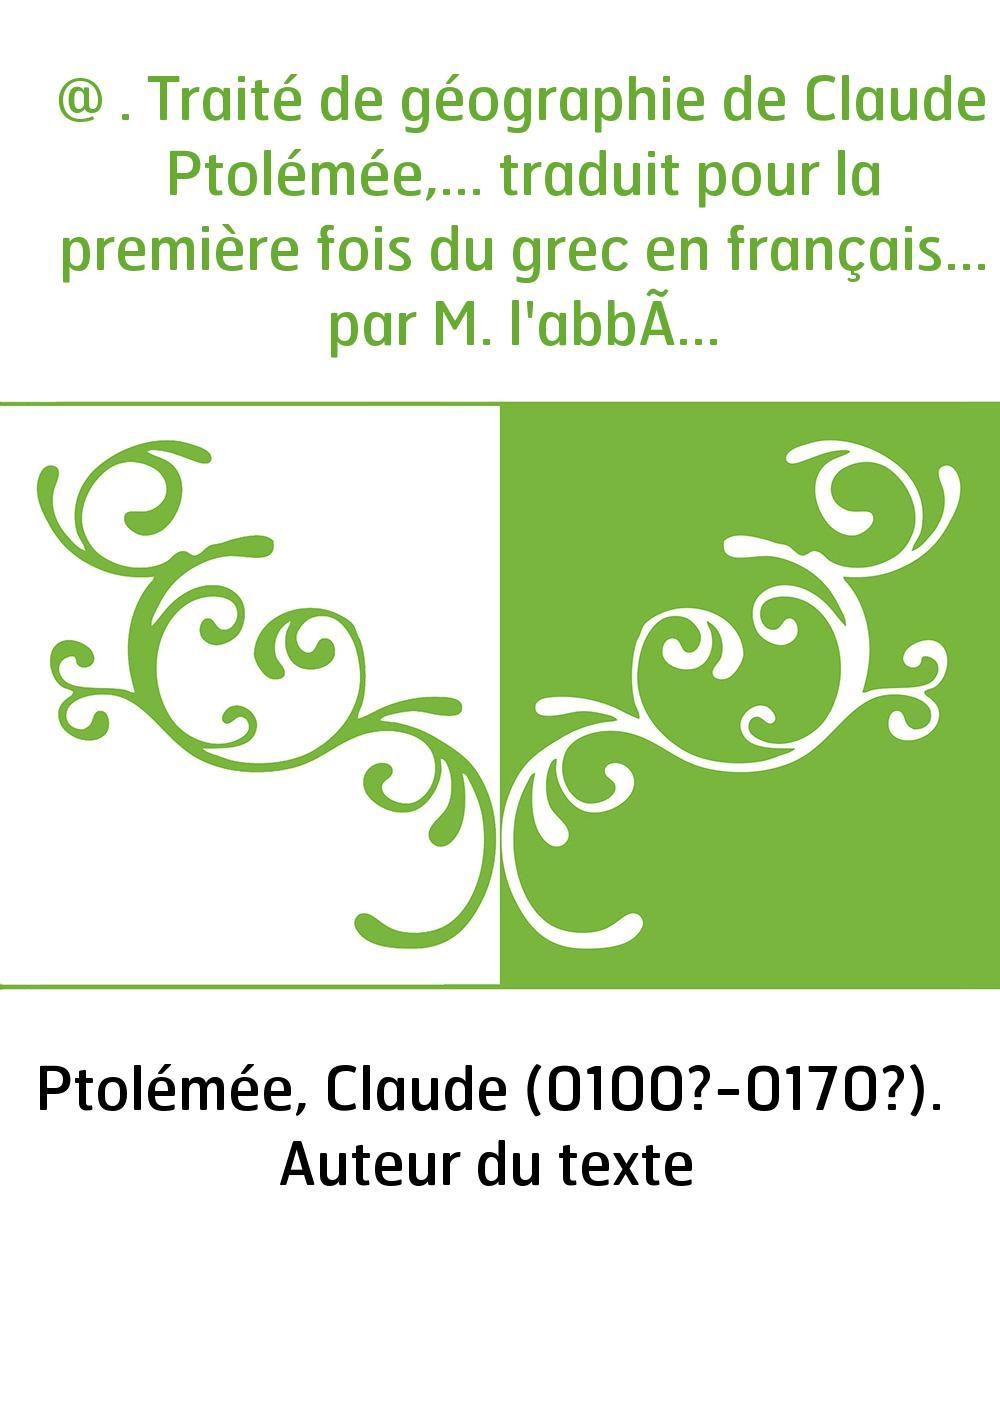 @ . Traité de géographie de Claude Ptolémée,... traduit pour la première fois du grec en français... par M. l'abbé Halma,... [av